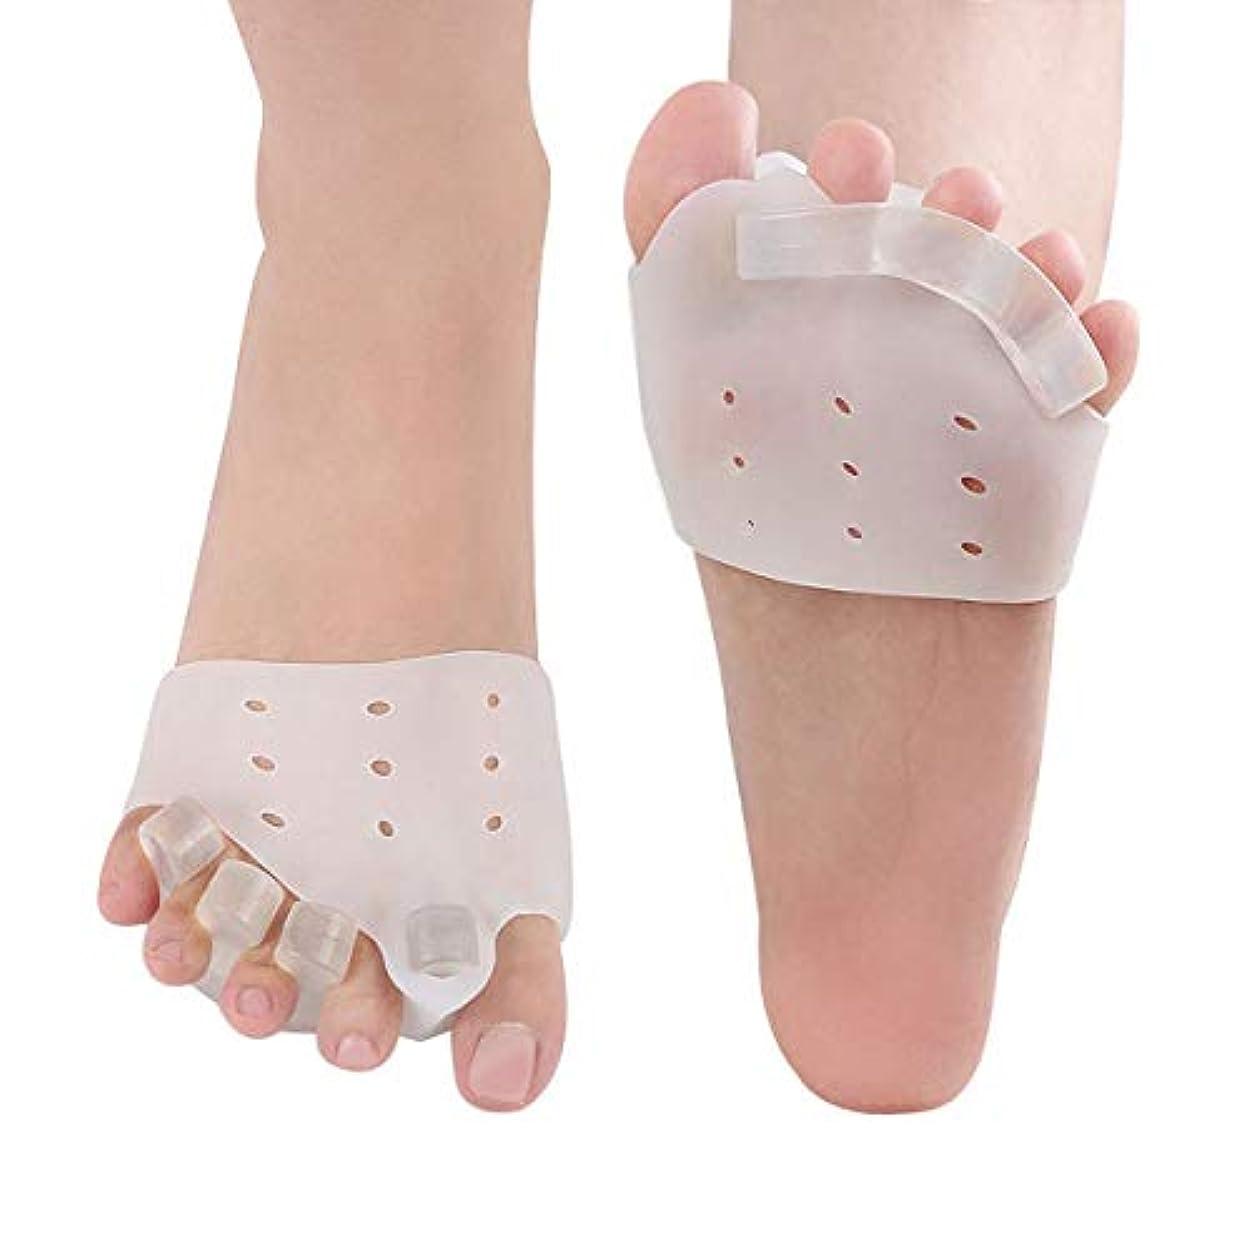 つづりゲート石炭足指パッド セパレーター 矯正 足指を広げる 外反母趾矯正 内反小趾 サポーター 足指矯正パッド 足指分離 足指 シリコンパッド 足用保護パッド 足の痛みを軽減 男女兼用 左右兼用 (左右セット)